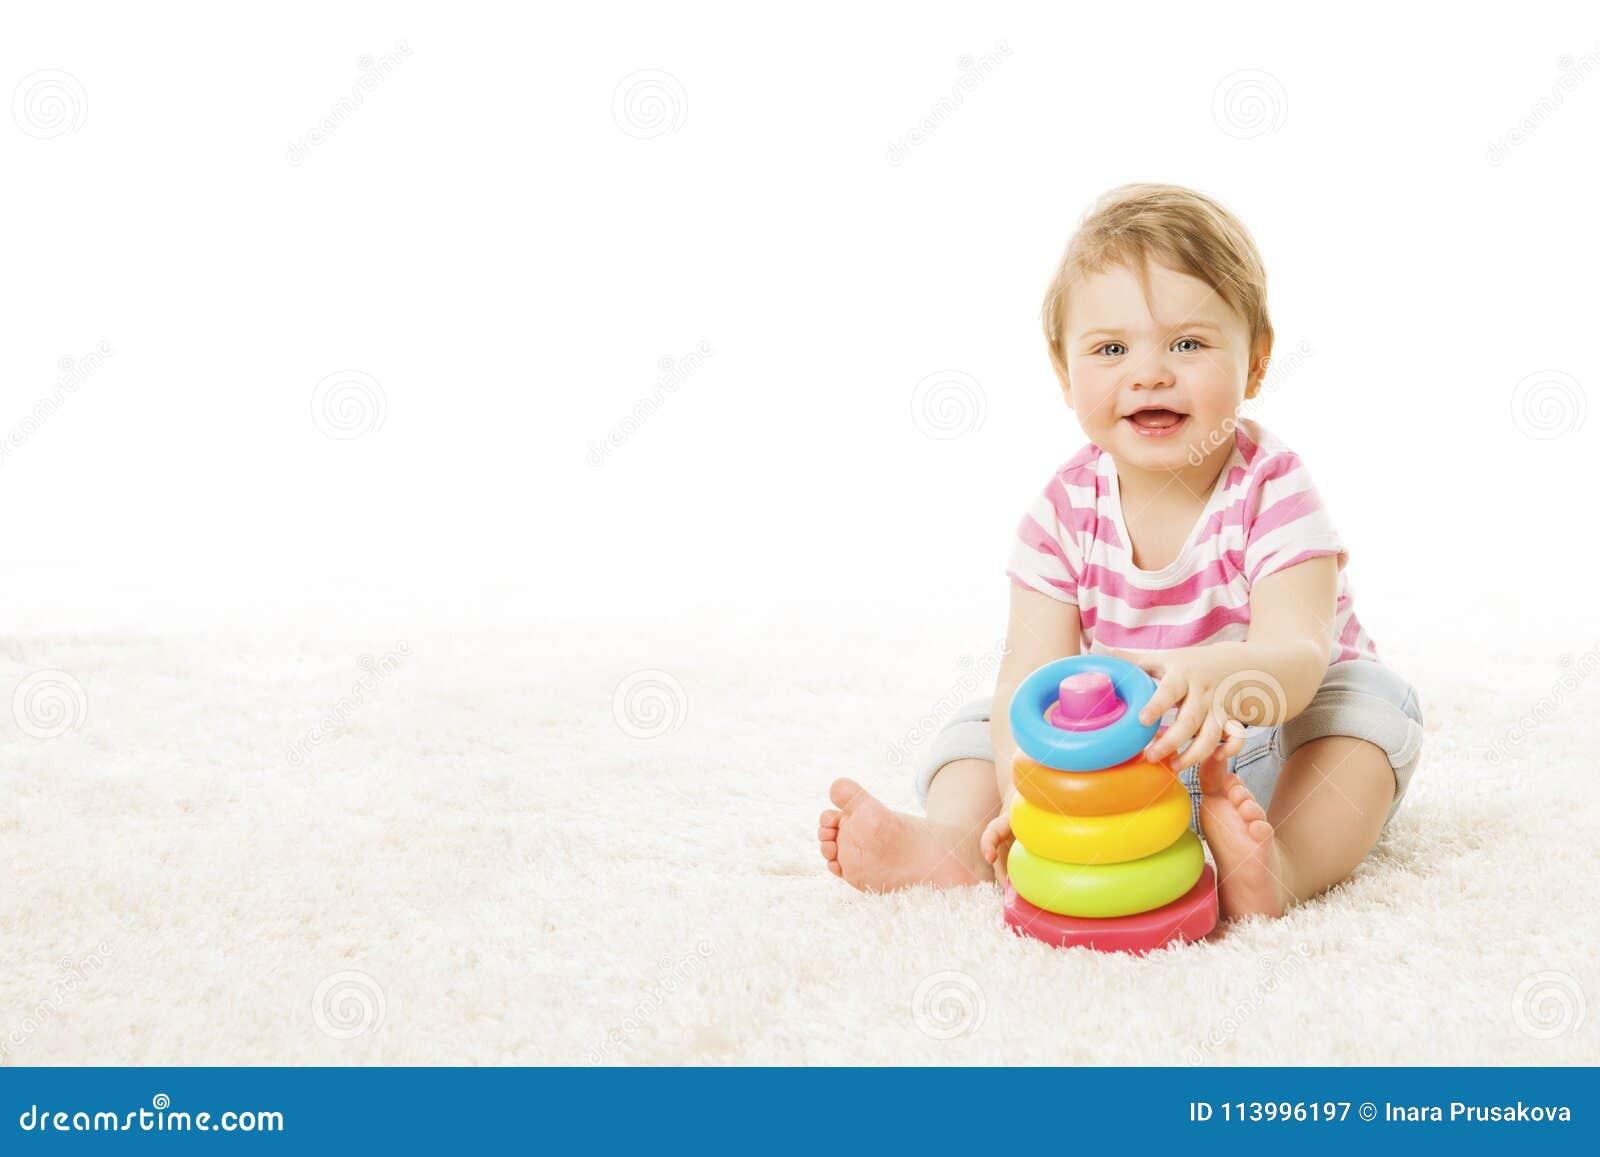 Jogo Toy Rings Pyramid do bebê, criança infantil que joga blocos de apartamentos